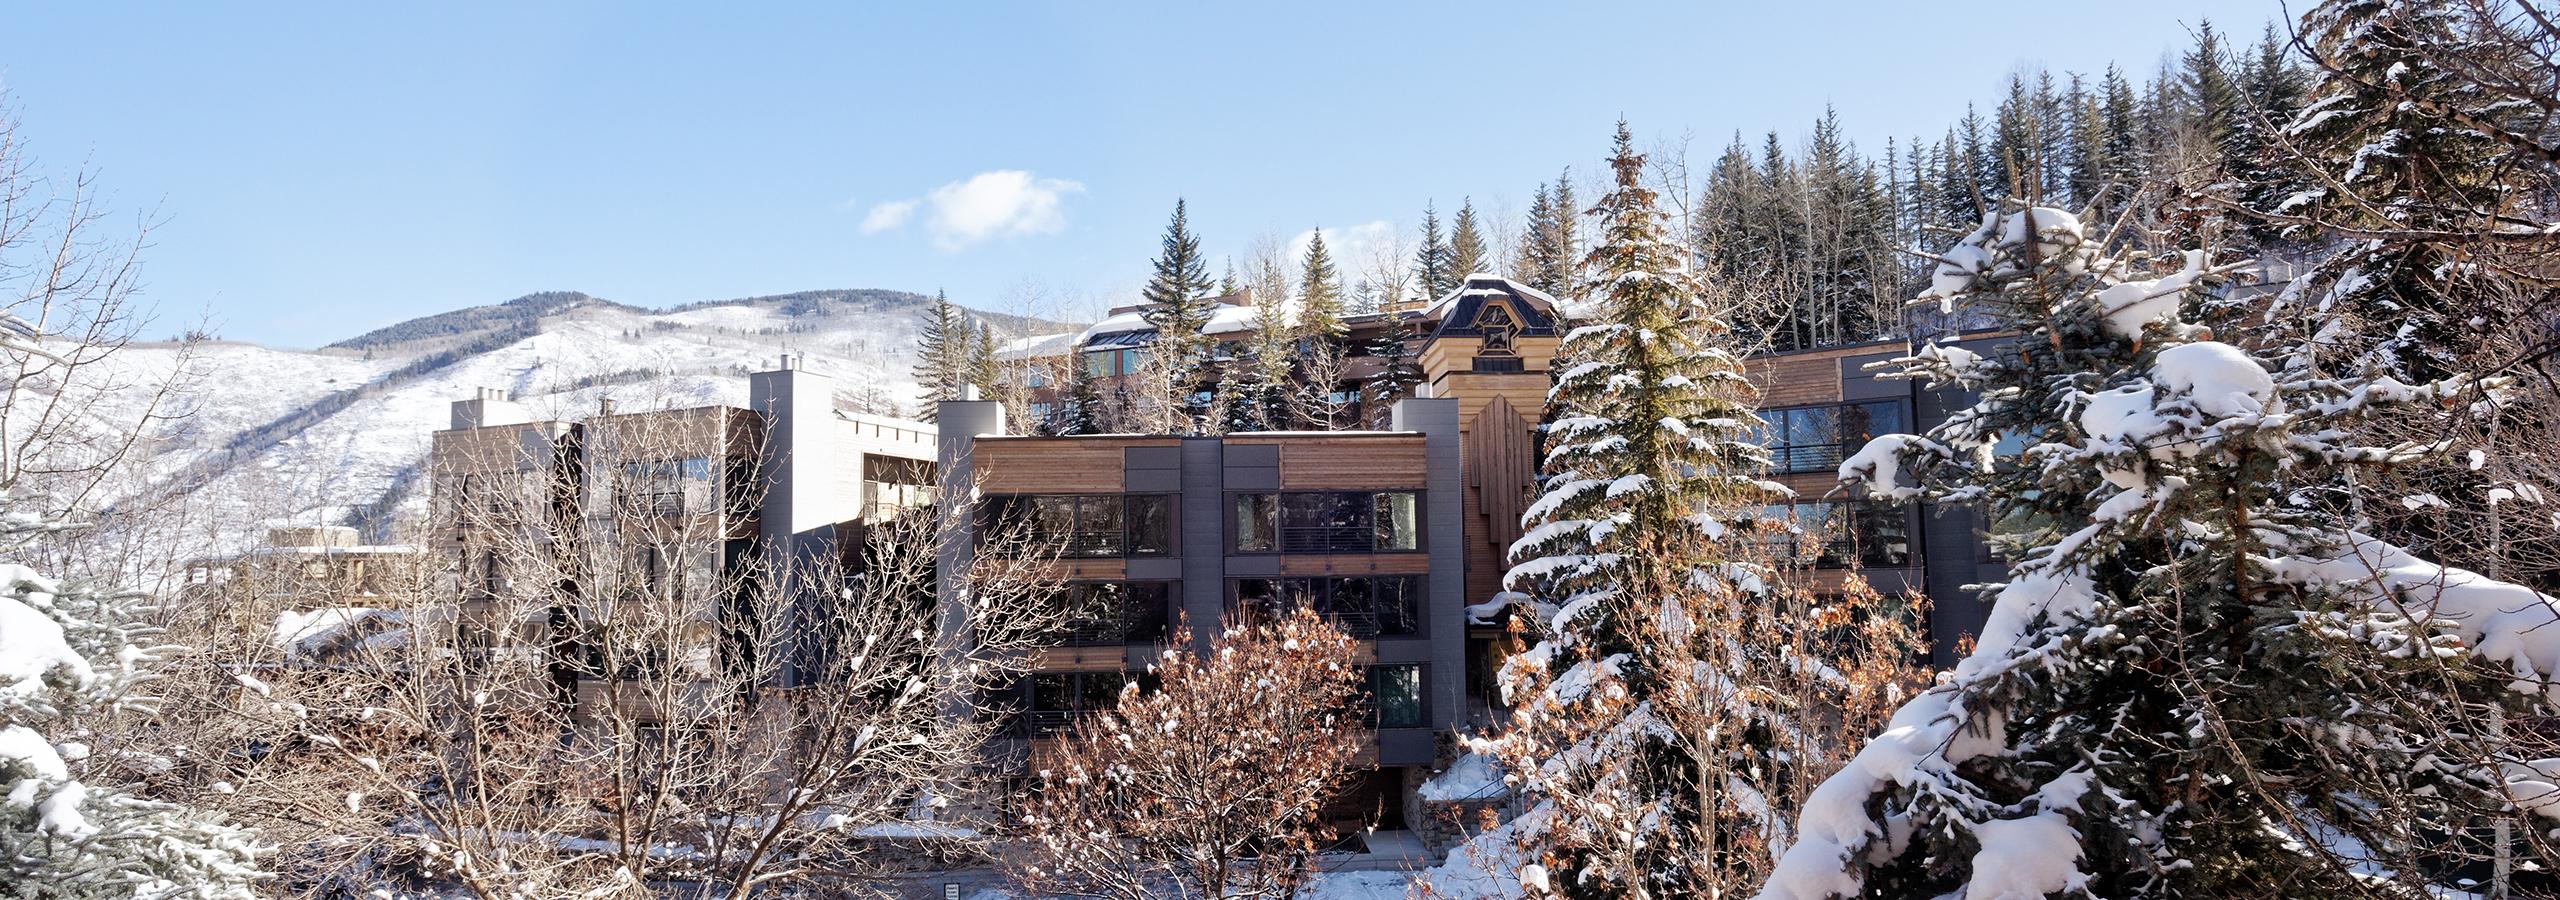 Aspen vacation rentals